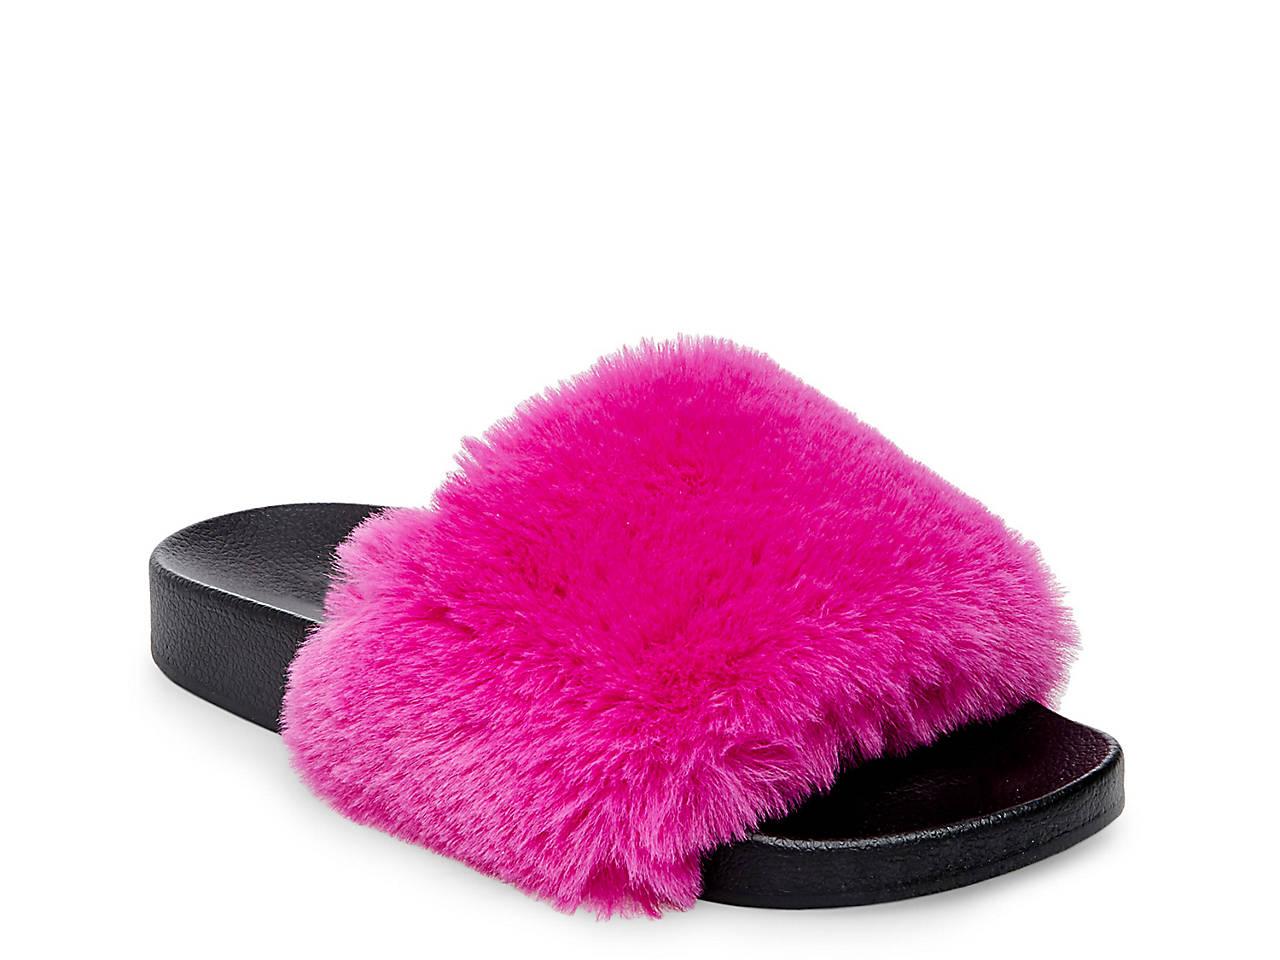 ca62ccc4b Steve Madden Softey Slide Sandal Women's Shoes | DSW